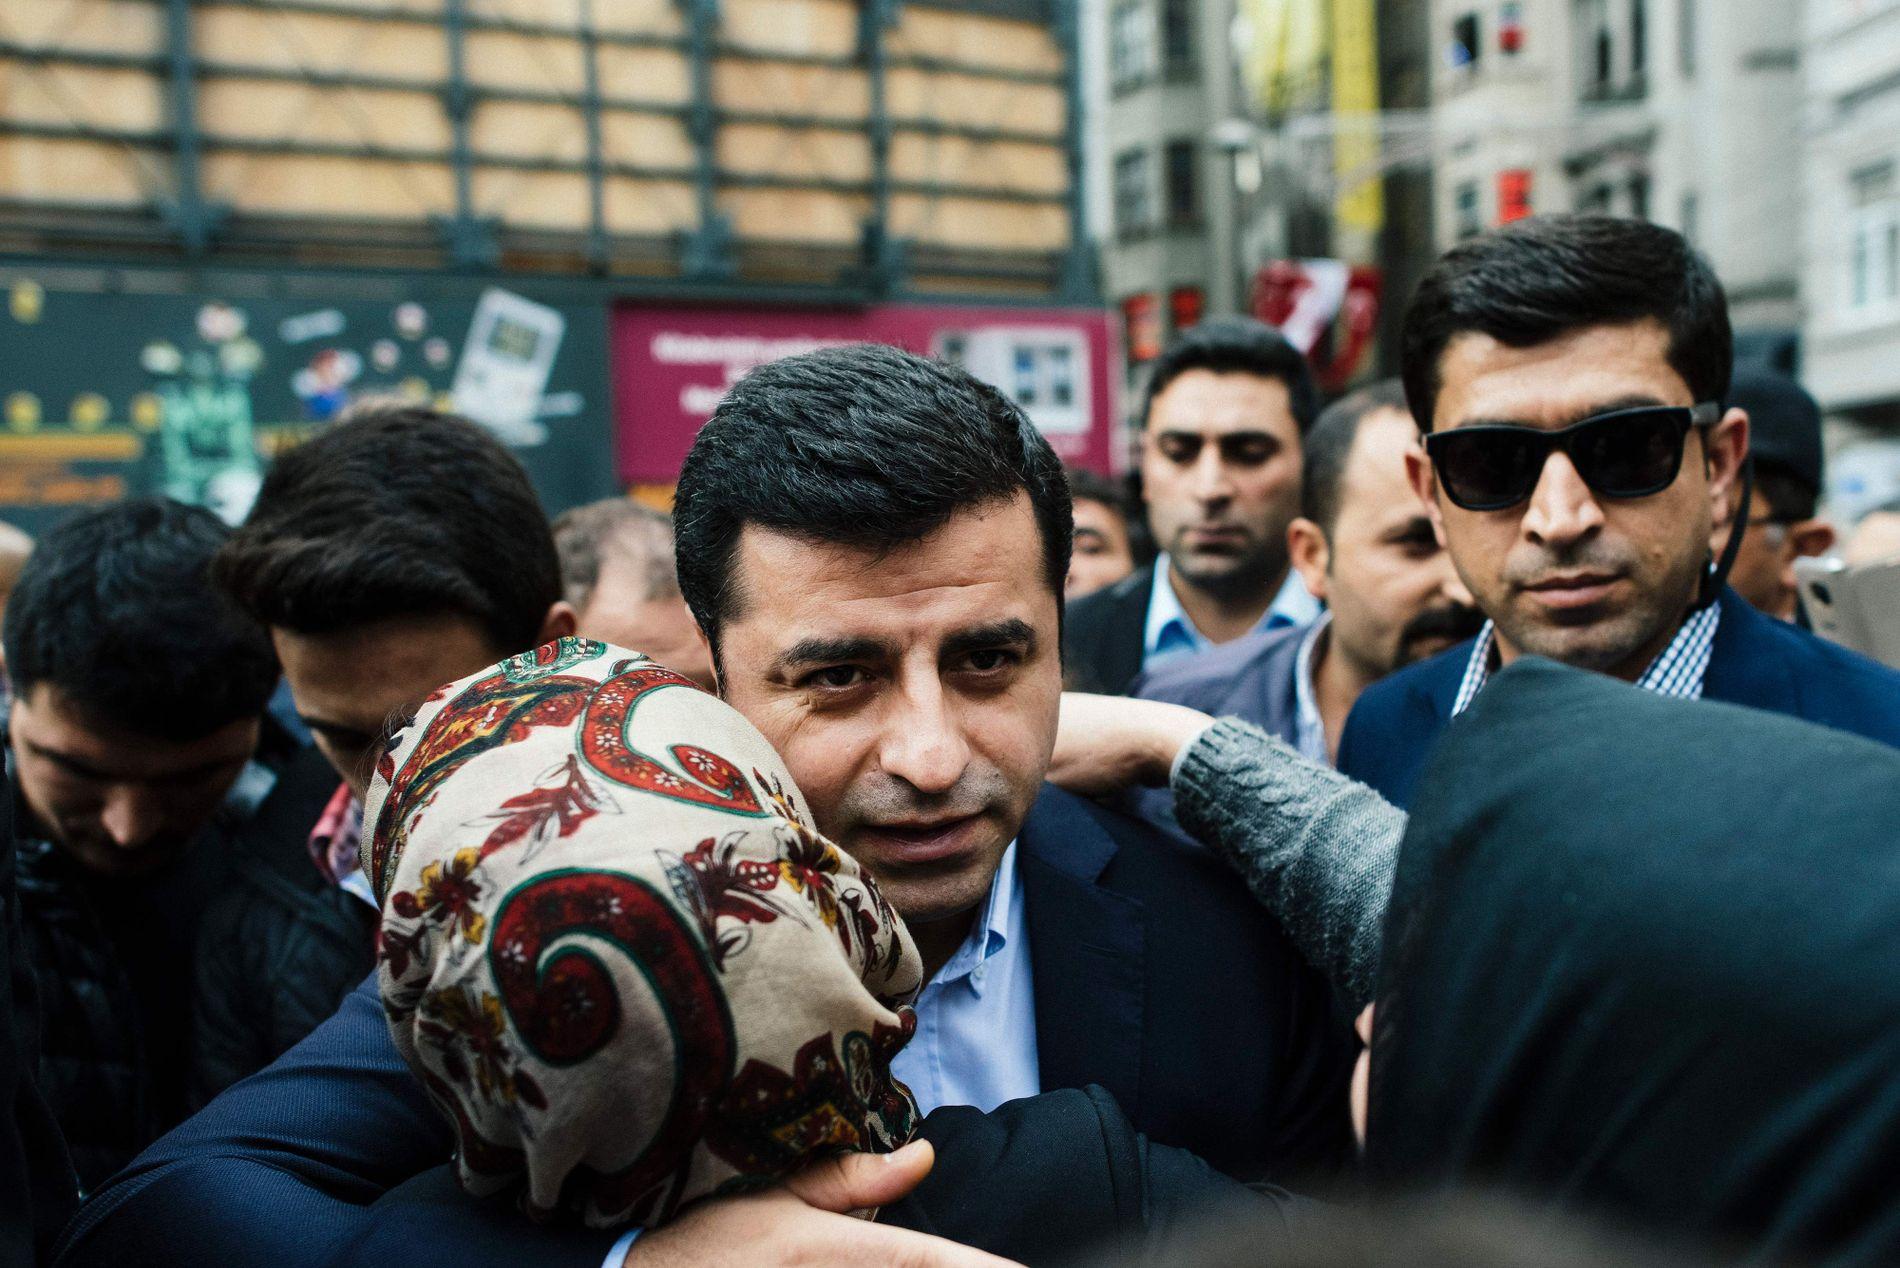 FENGSLET: HDP-leder Selahattin Demirtas er blant mange partimedlemmer som er fengslet, anklaget for å større terrorisme. Bildet er tatt under et valgmøte i Istanbul i 2015.